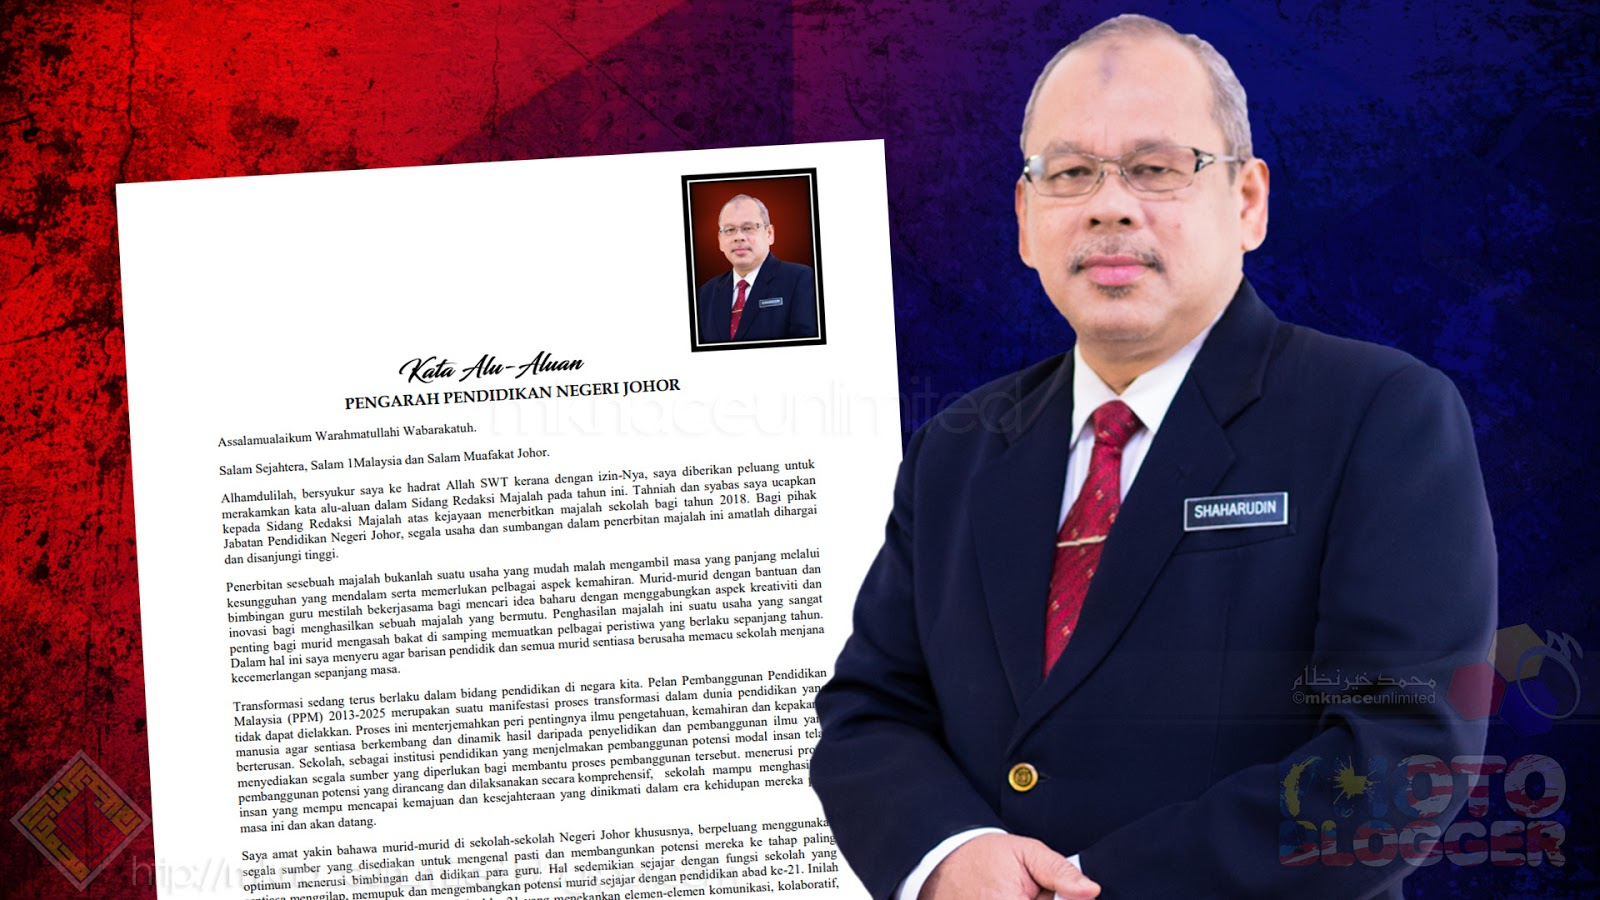 Kata Alu Aluan Majalah Sekolah 2018 Pengarah Pendidikan Negeri Johor